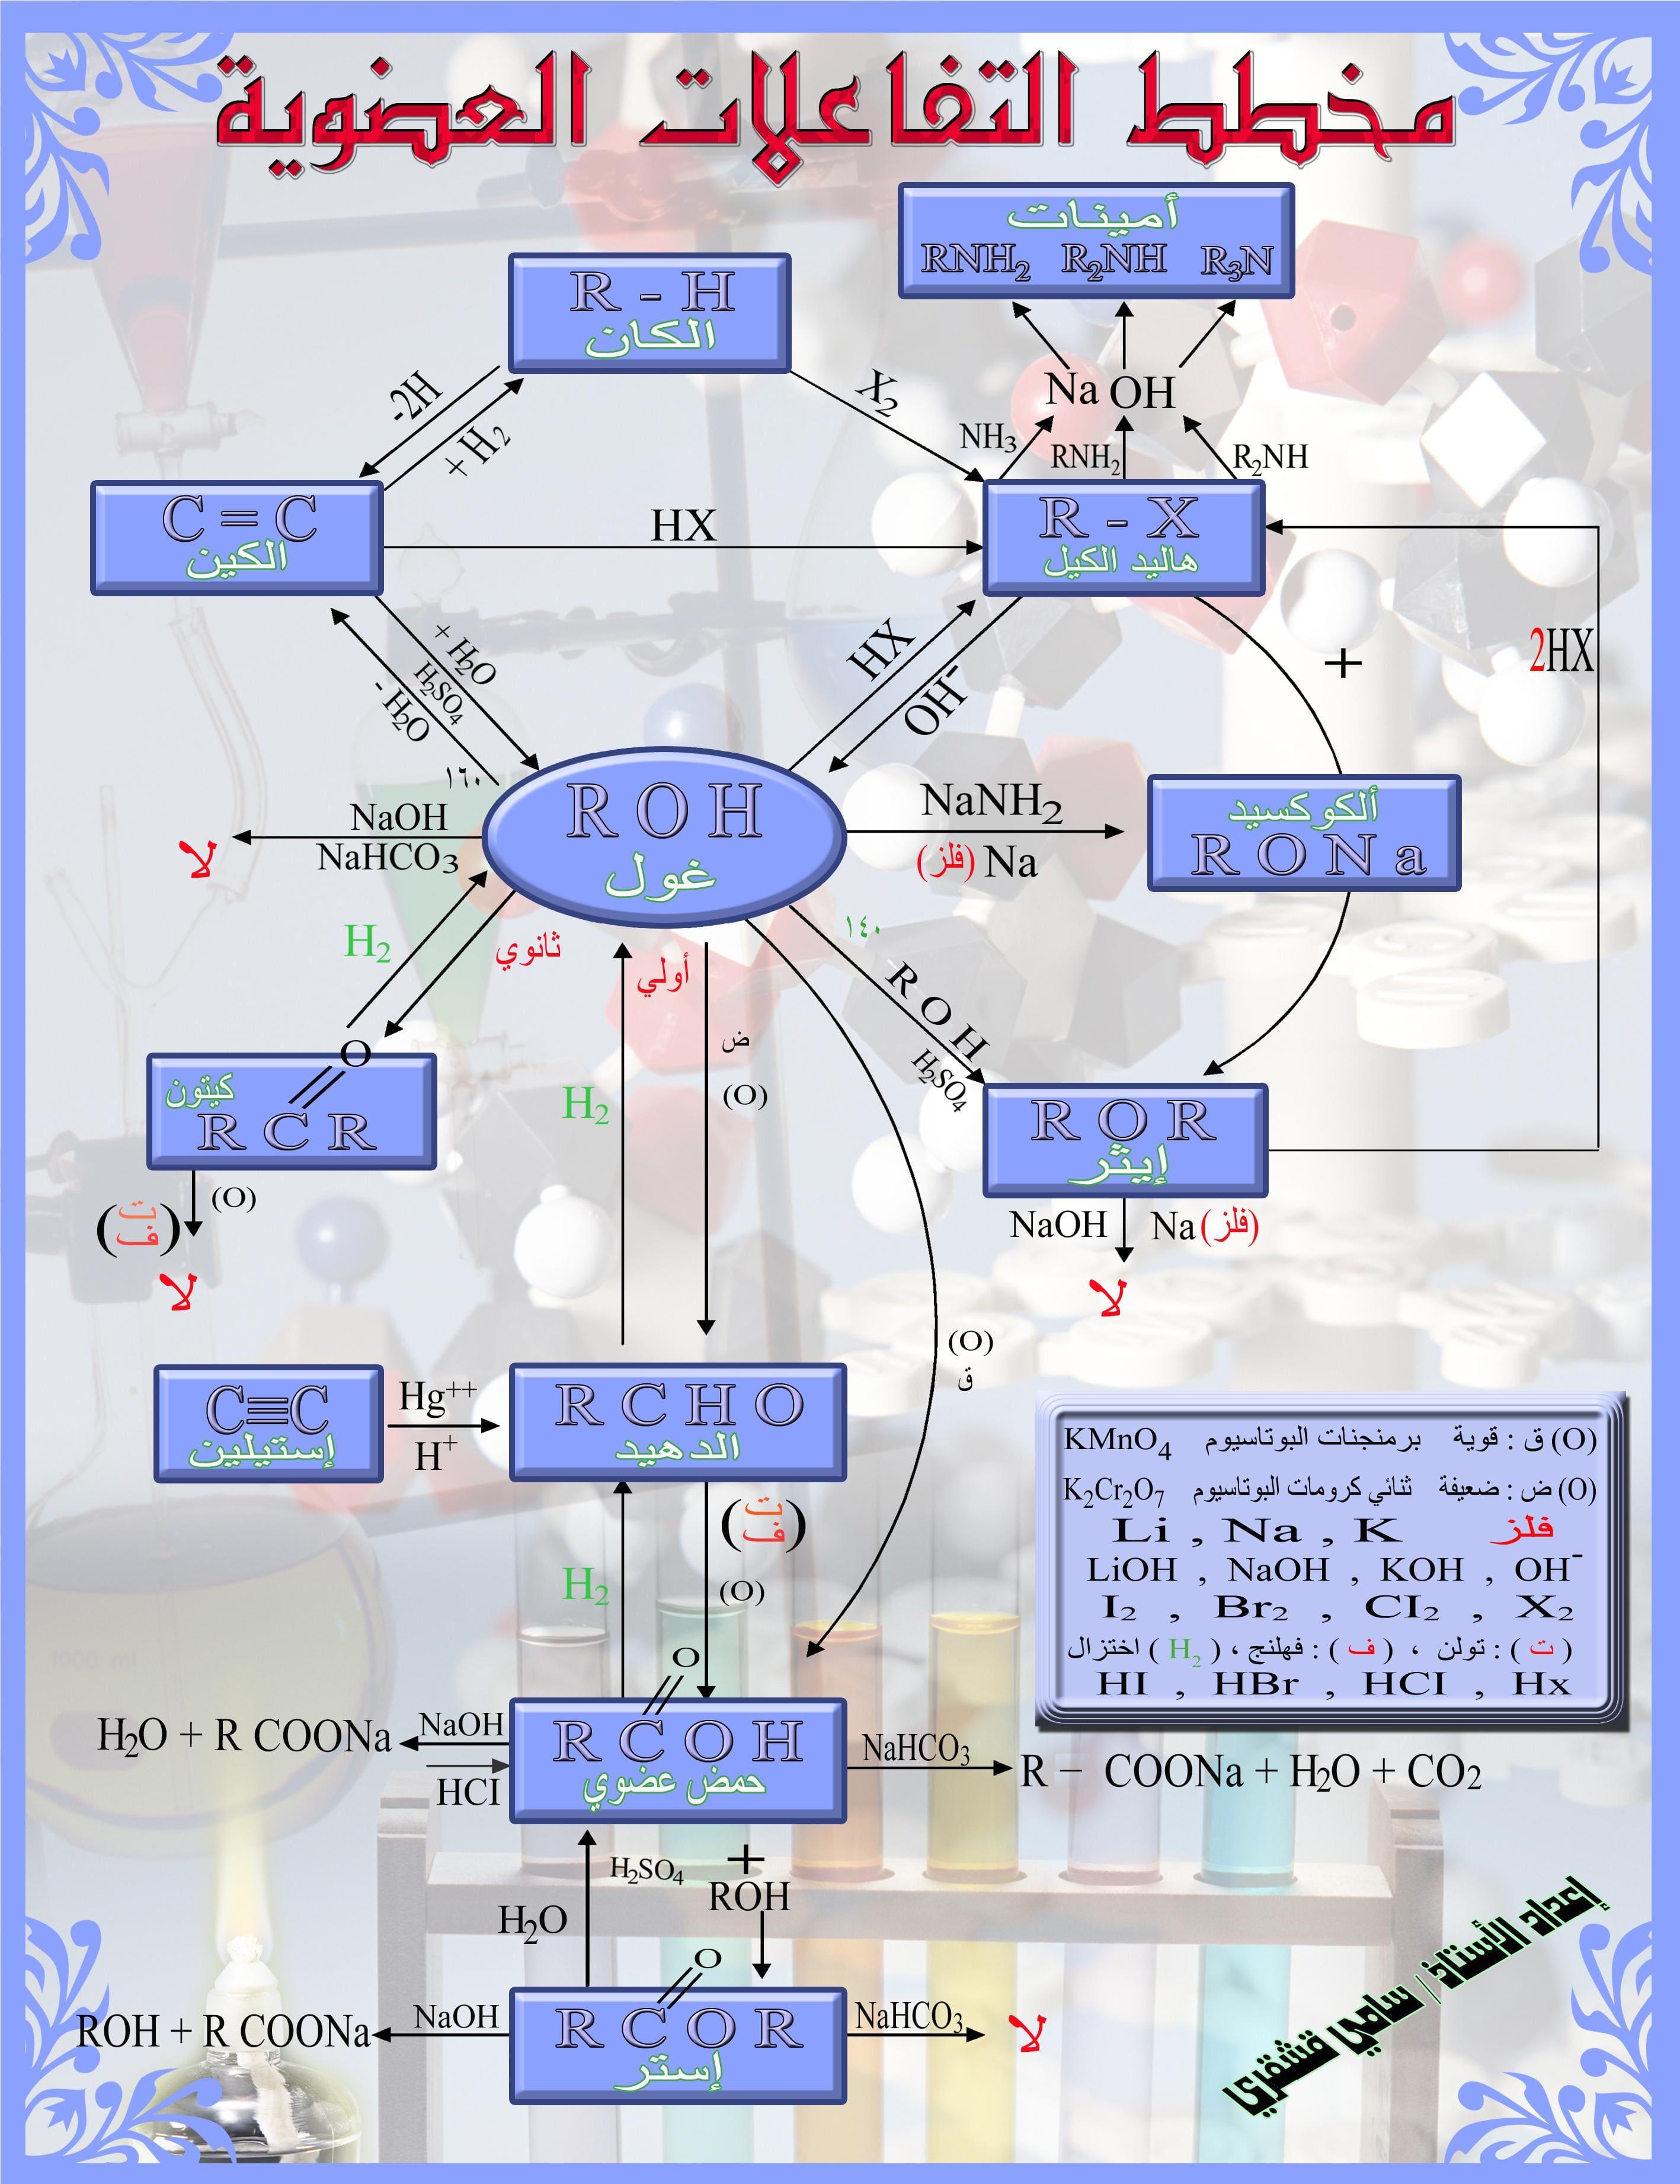 مخطط تفاعلات الكيمياء العضوية للثانوية العامة 13264126181.jpg